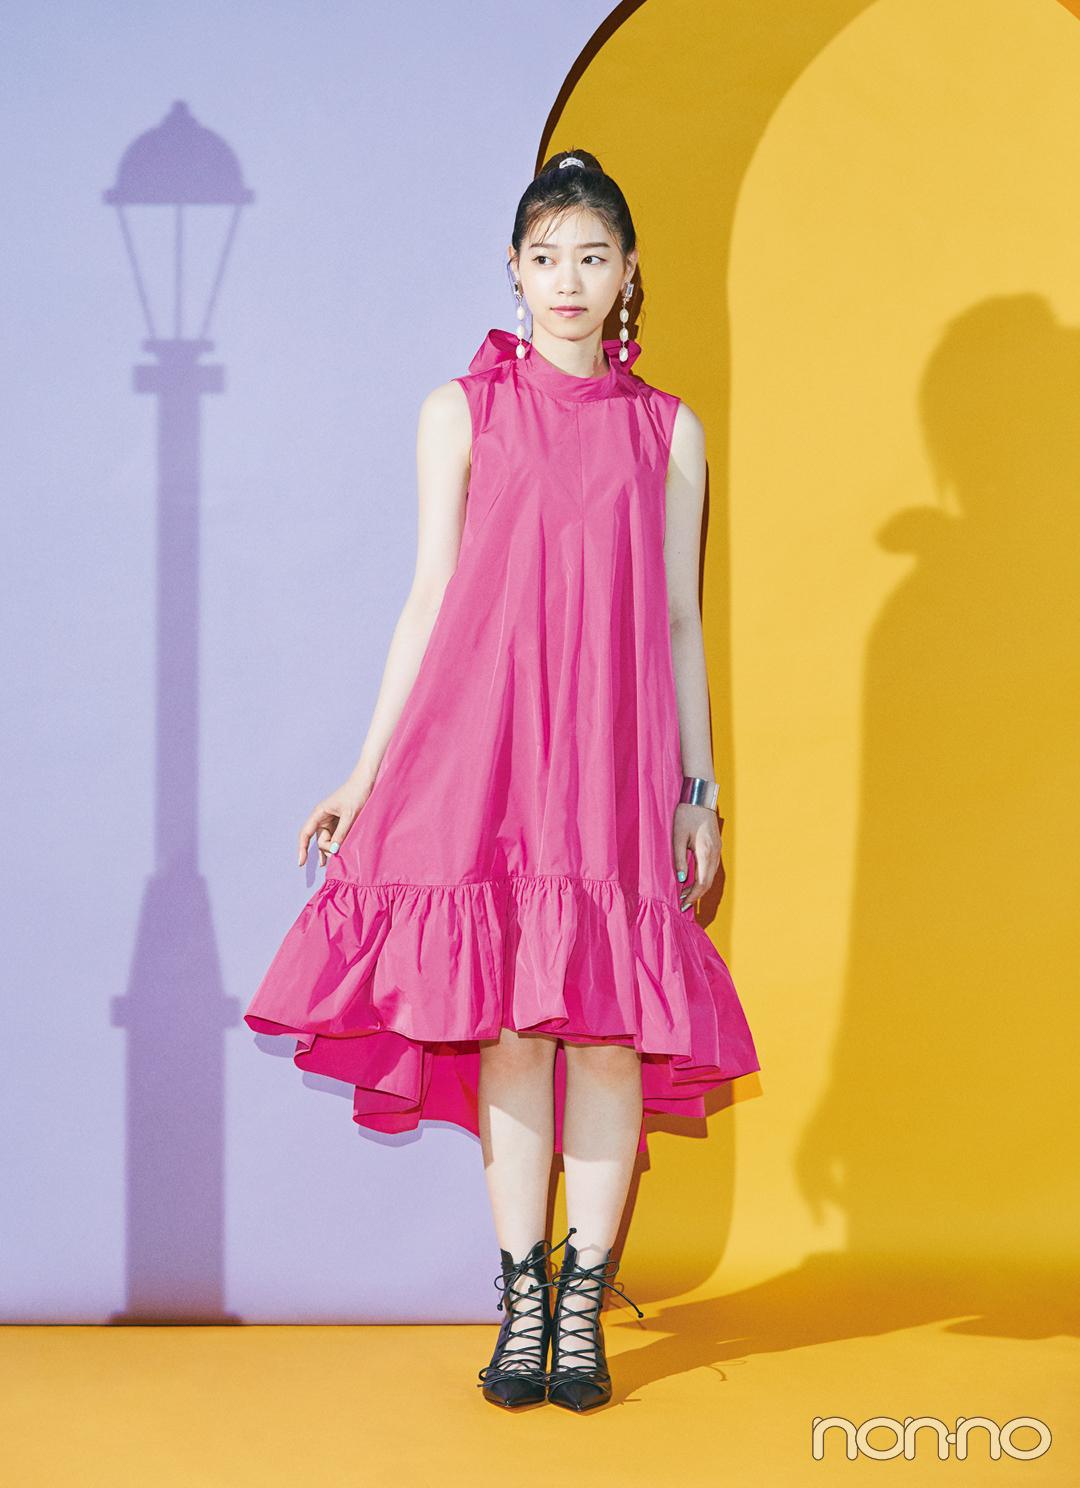 【西野七瀬のドレスでまちぶせ vol.2】REDValentinoのピンクドレス_1_2